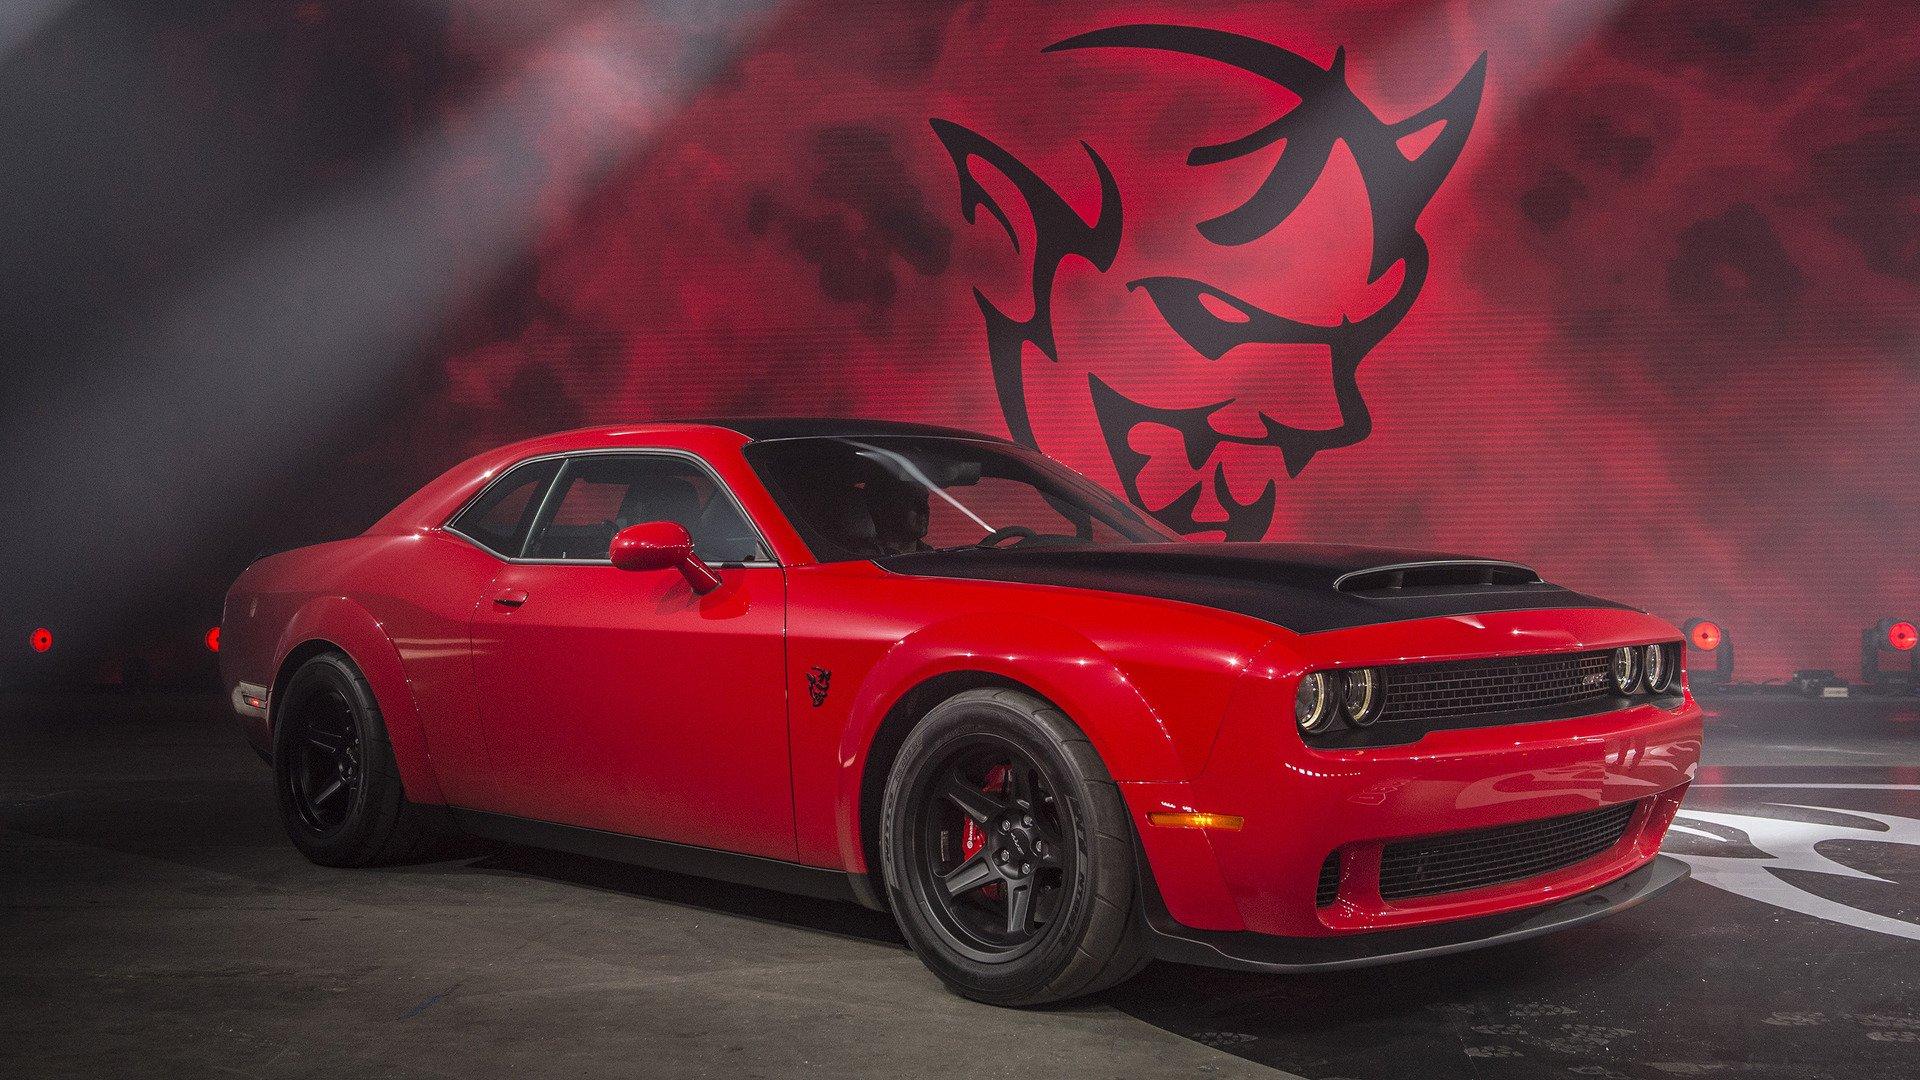 Dodge Challenger Srt Demon Hd Wallpaper Background Image